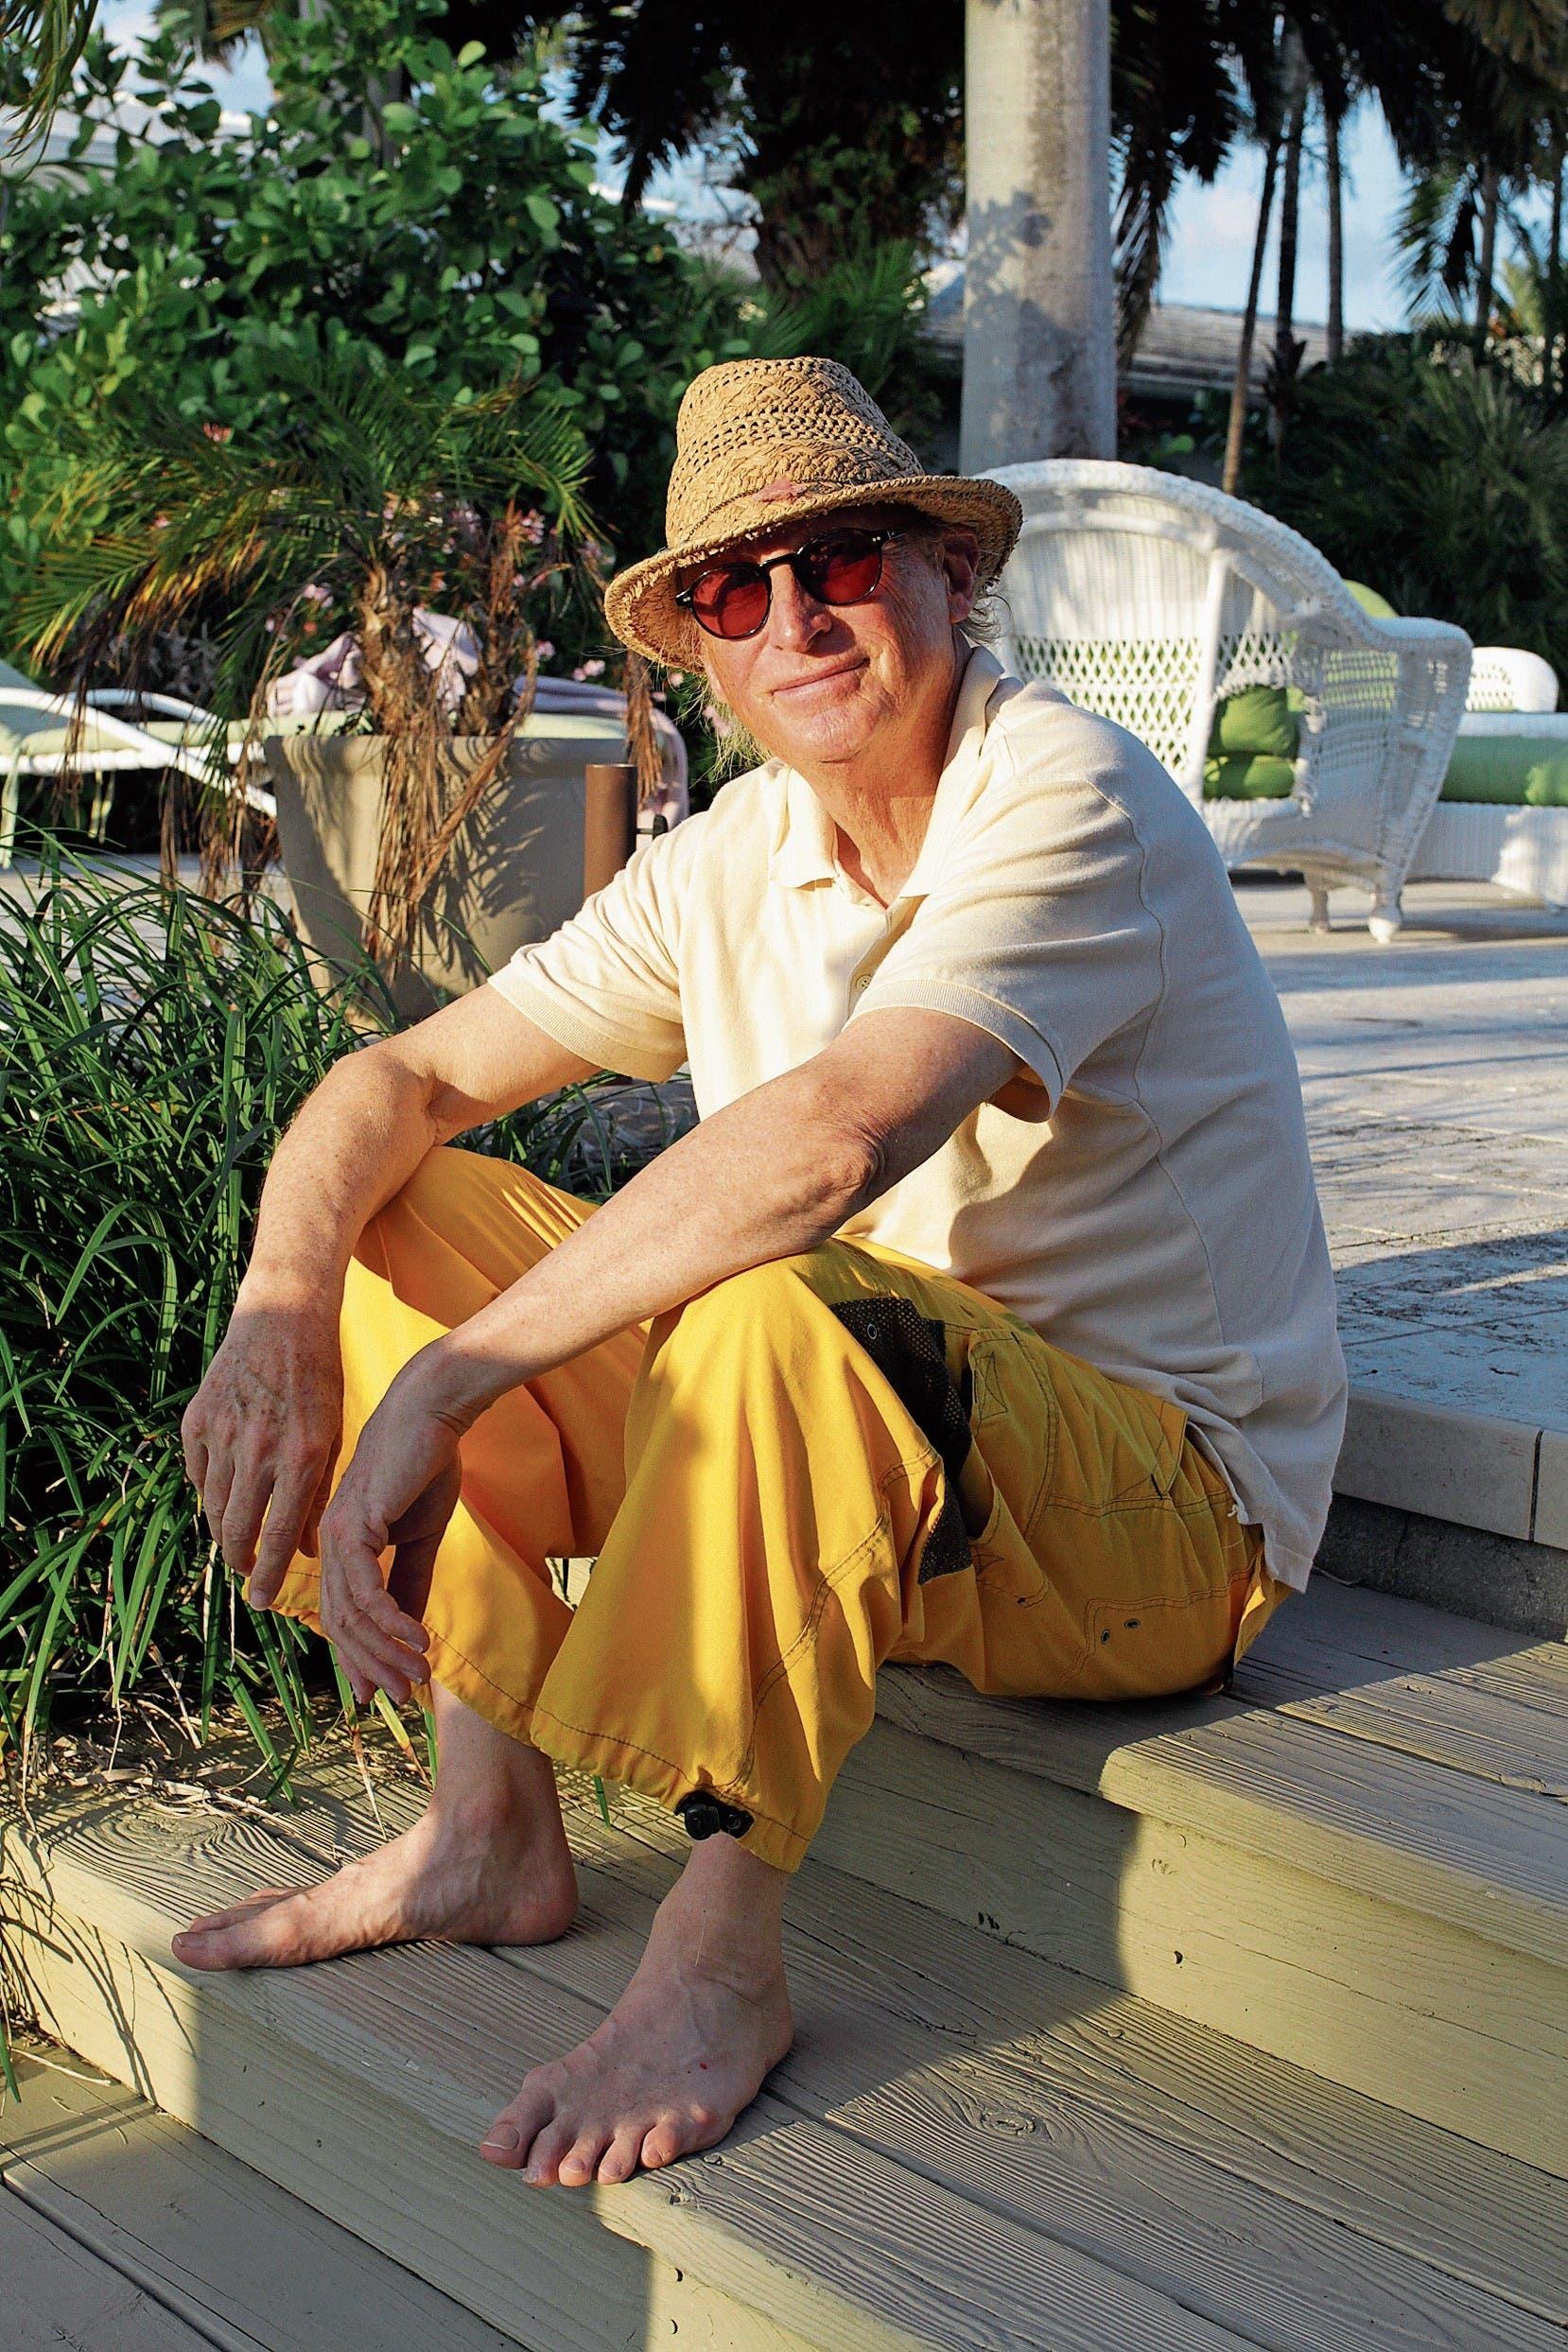 «Sobald ich irgendwo ein Wehwehchen habe, denke ich: Jetzt ist es so weit, jetzt heisst es Abschied nehmen»: Otto Waalkes in Florida, wo er jeweils die Wintermonate verbringt. (Bild: Daniela Grundwald (Fort Lauderdale, Frühling 2018))